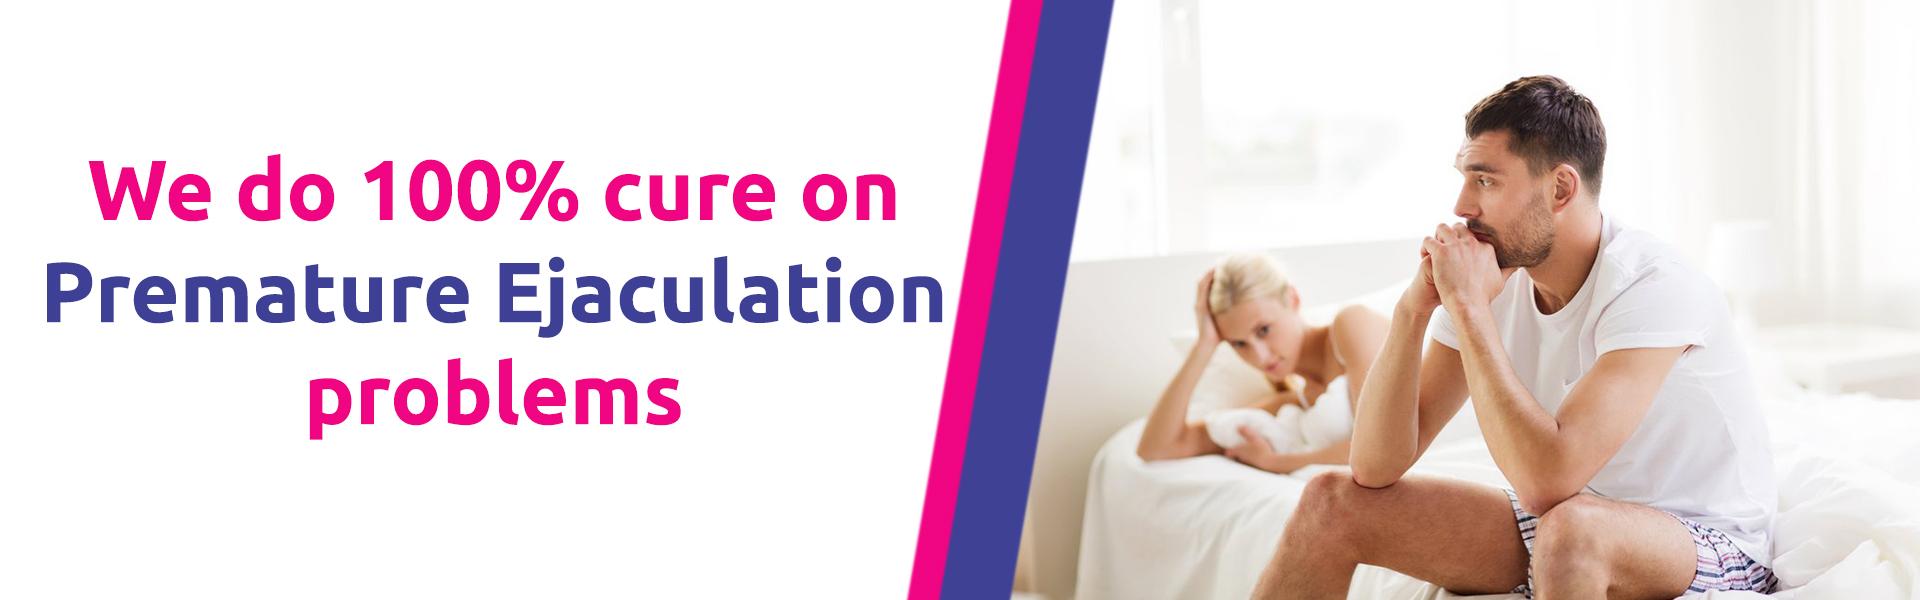 PREMATURE EJACULATION -sexclinic